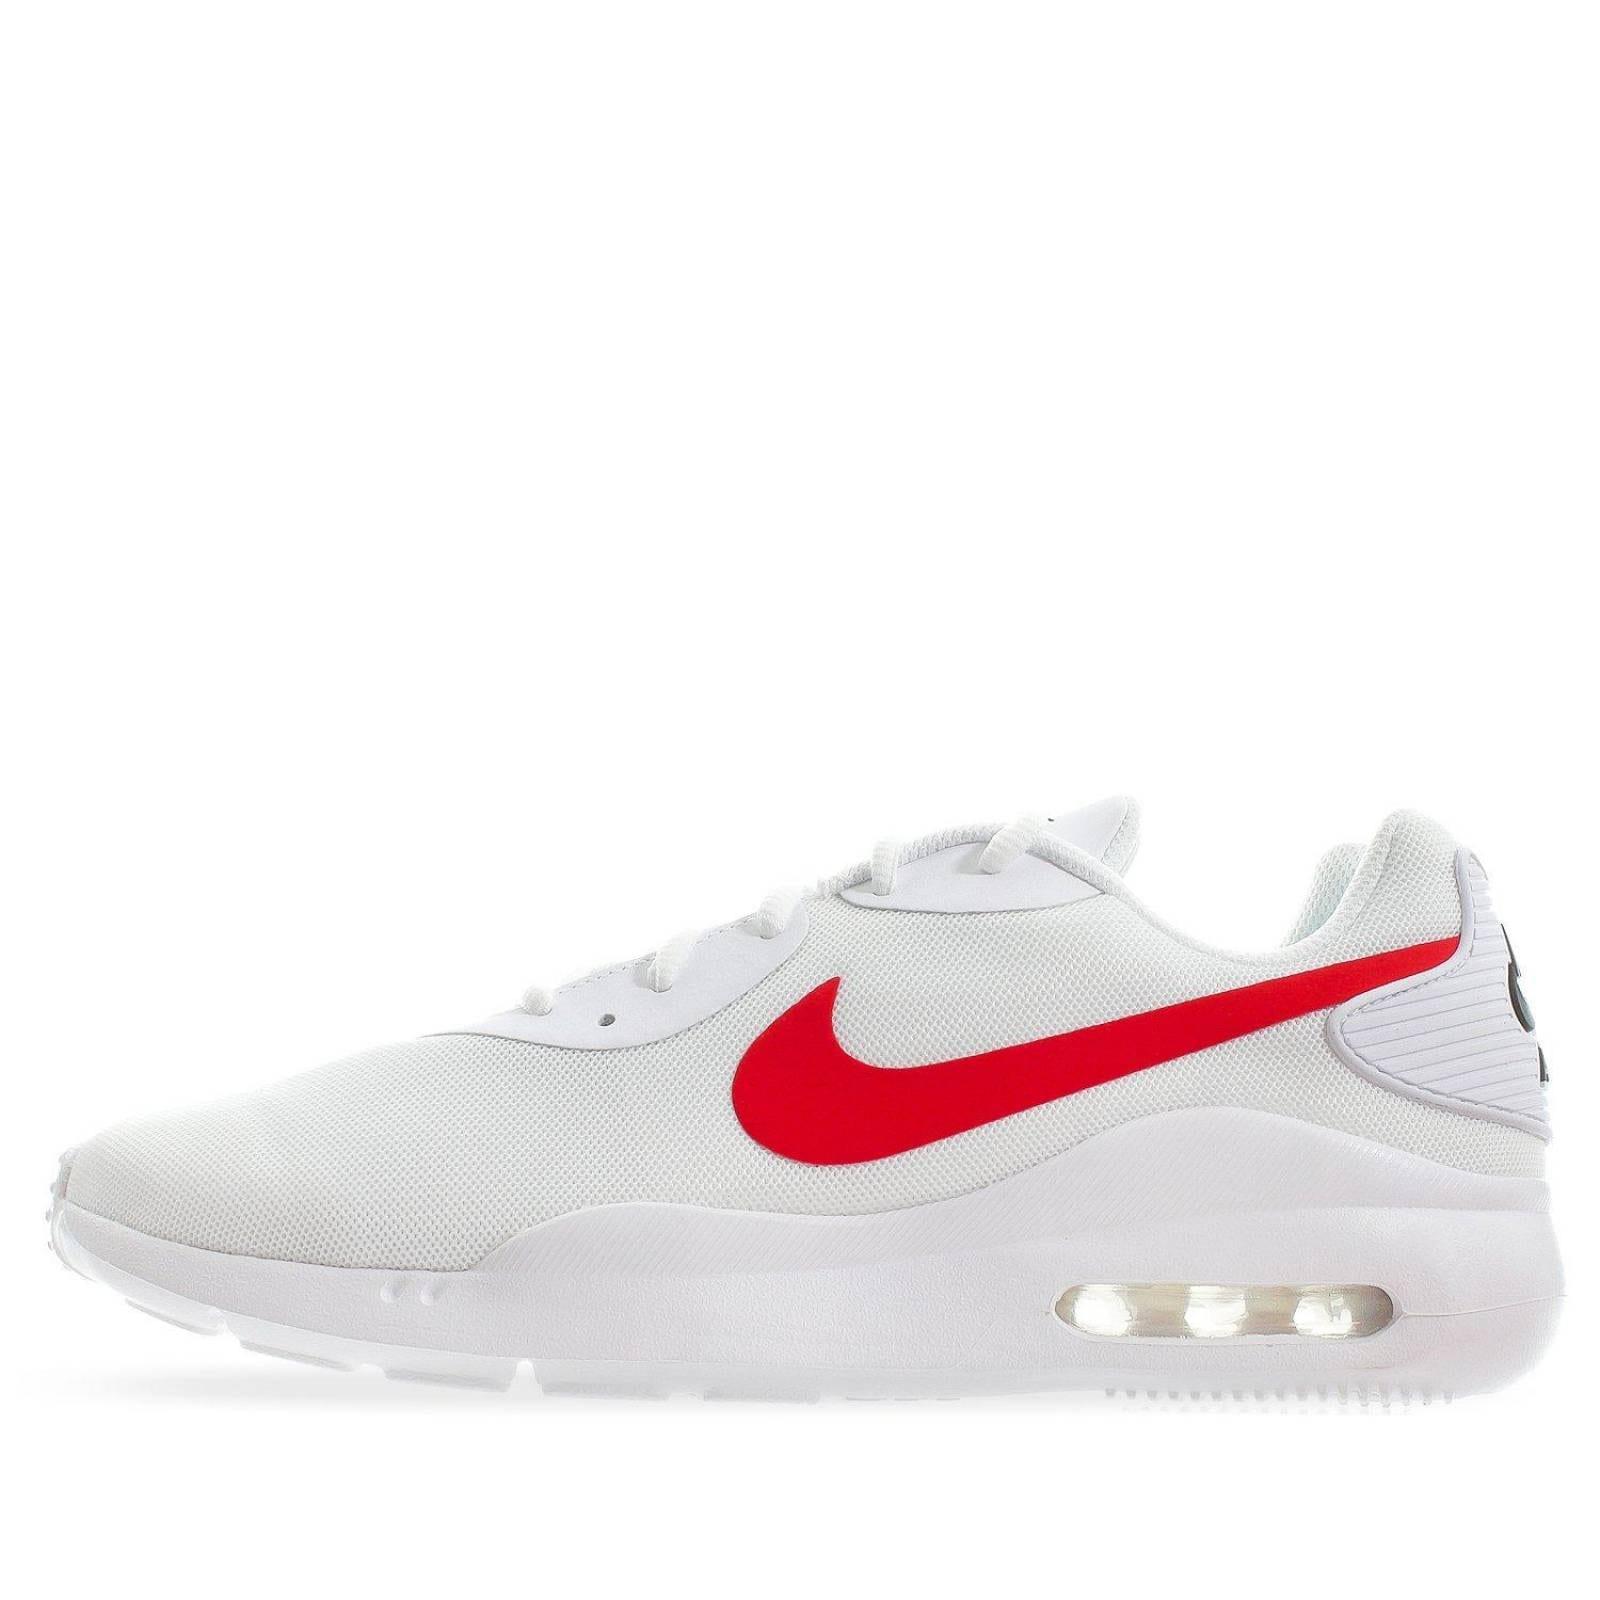 Tenis Nike Air Max Oketo - AQ2235103 - Blanco - Hombre